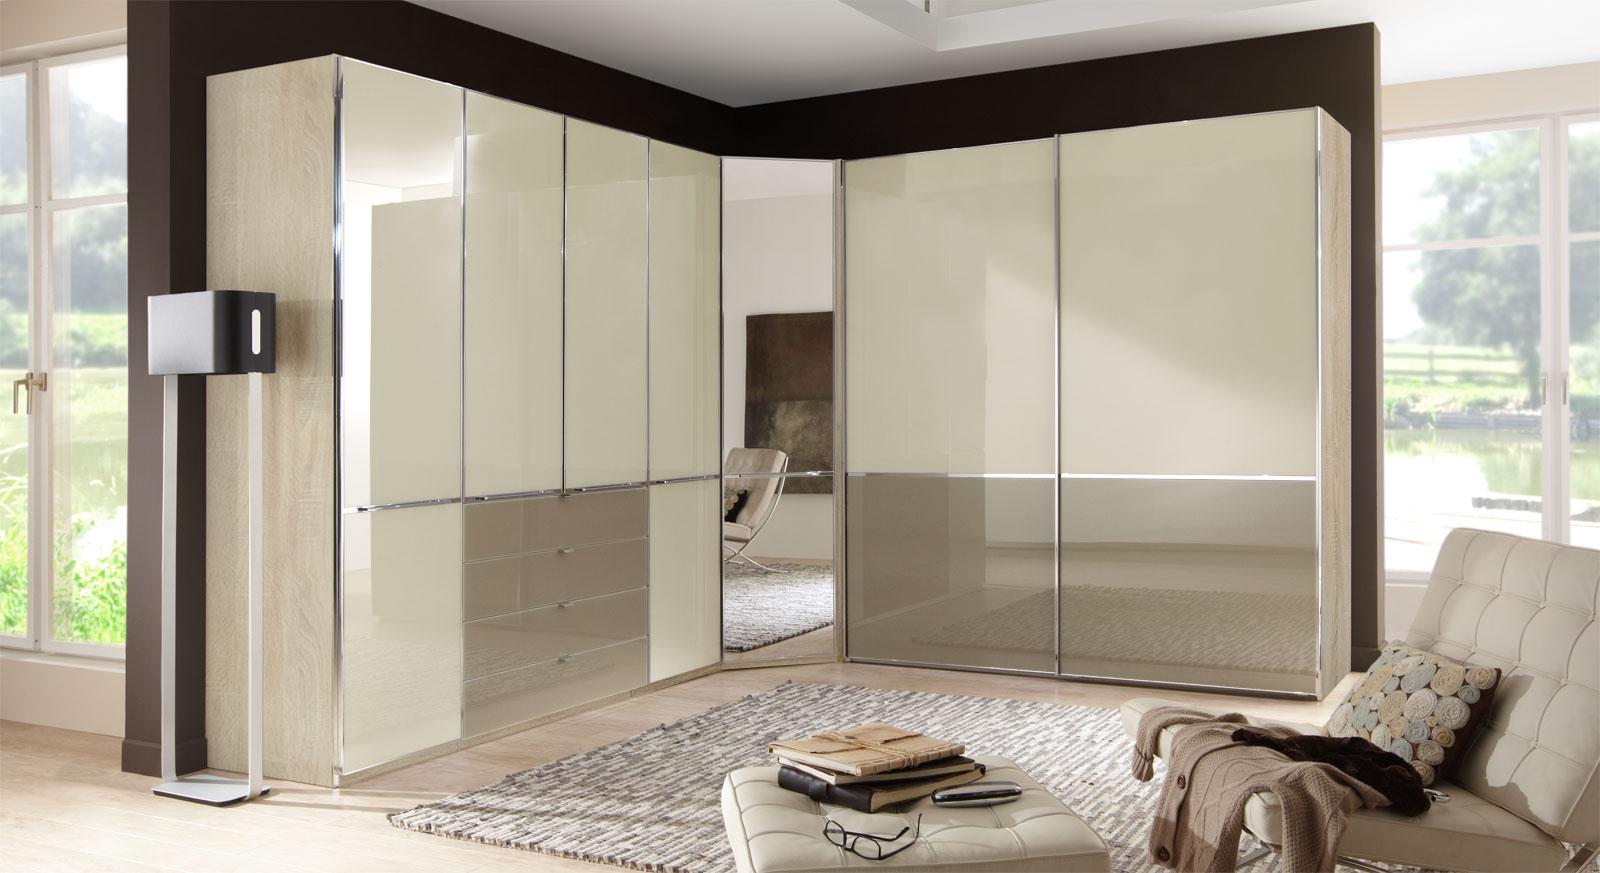 Schlafzimmer für Studenten einrichten & gestalten - BETTEN.de informiert